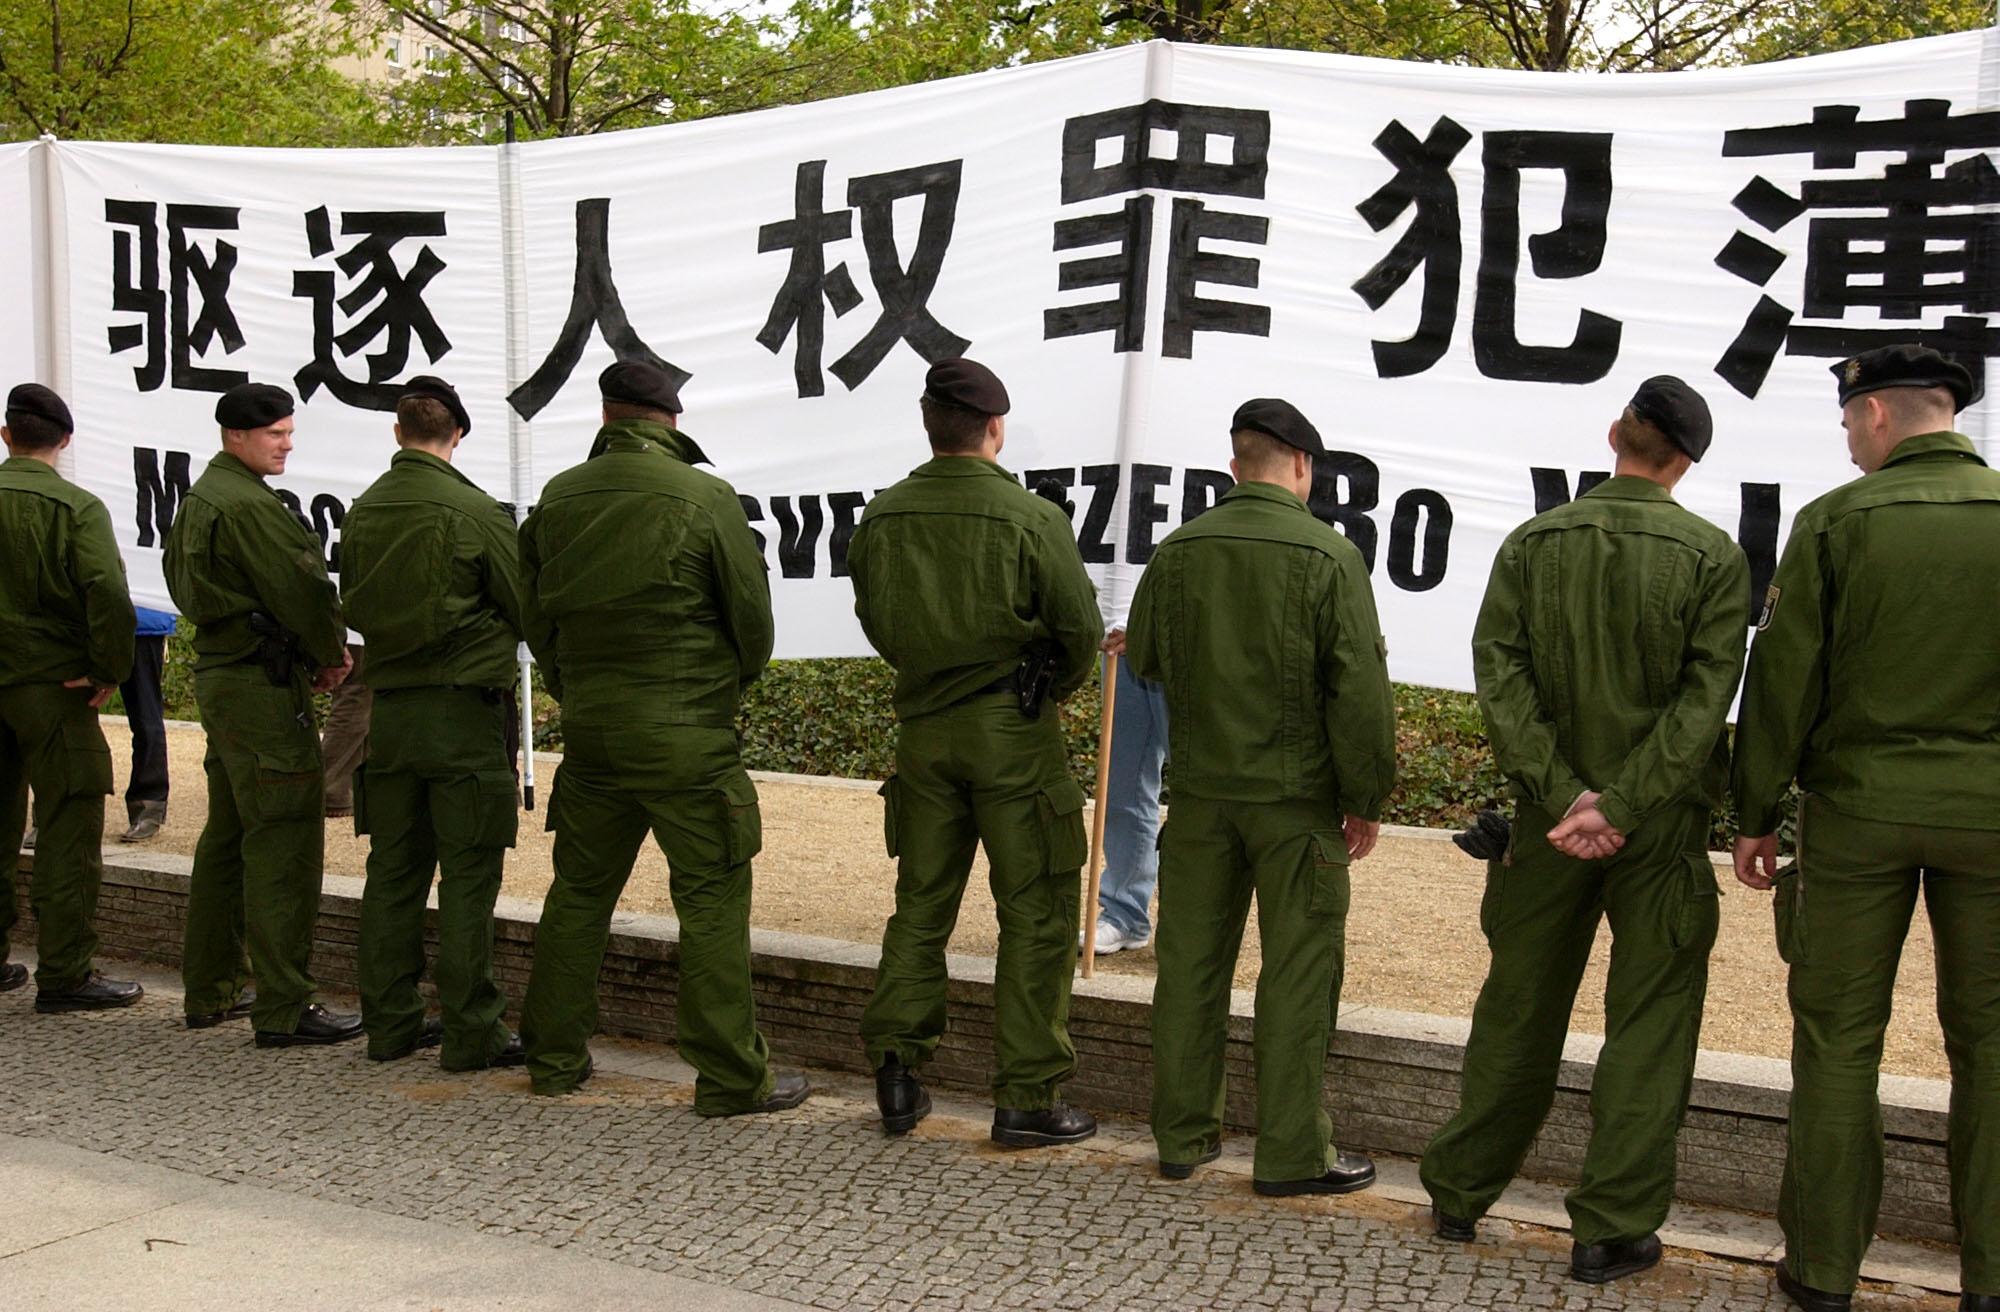 Ist Deutschland bereits tributpflichtig gegenüber China?